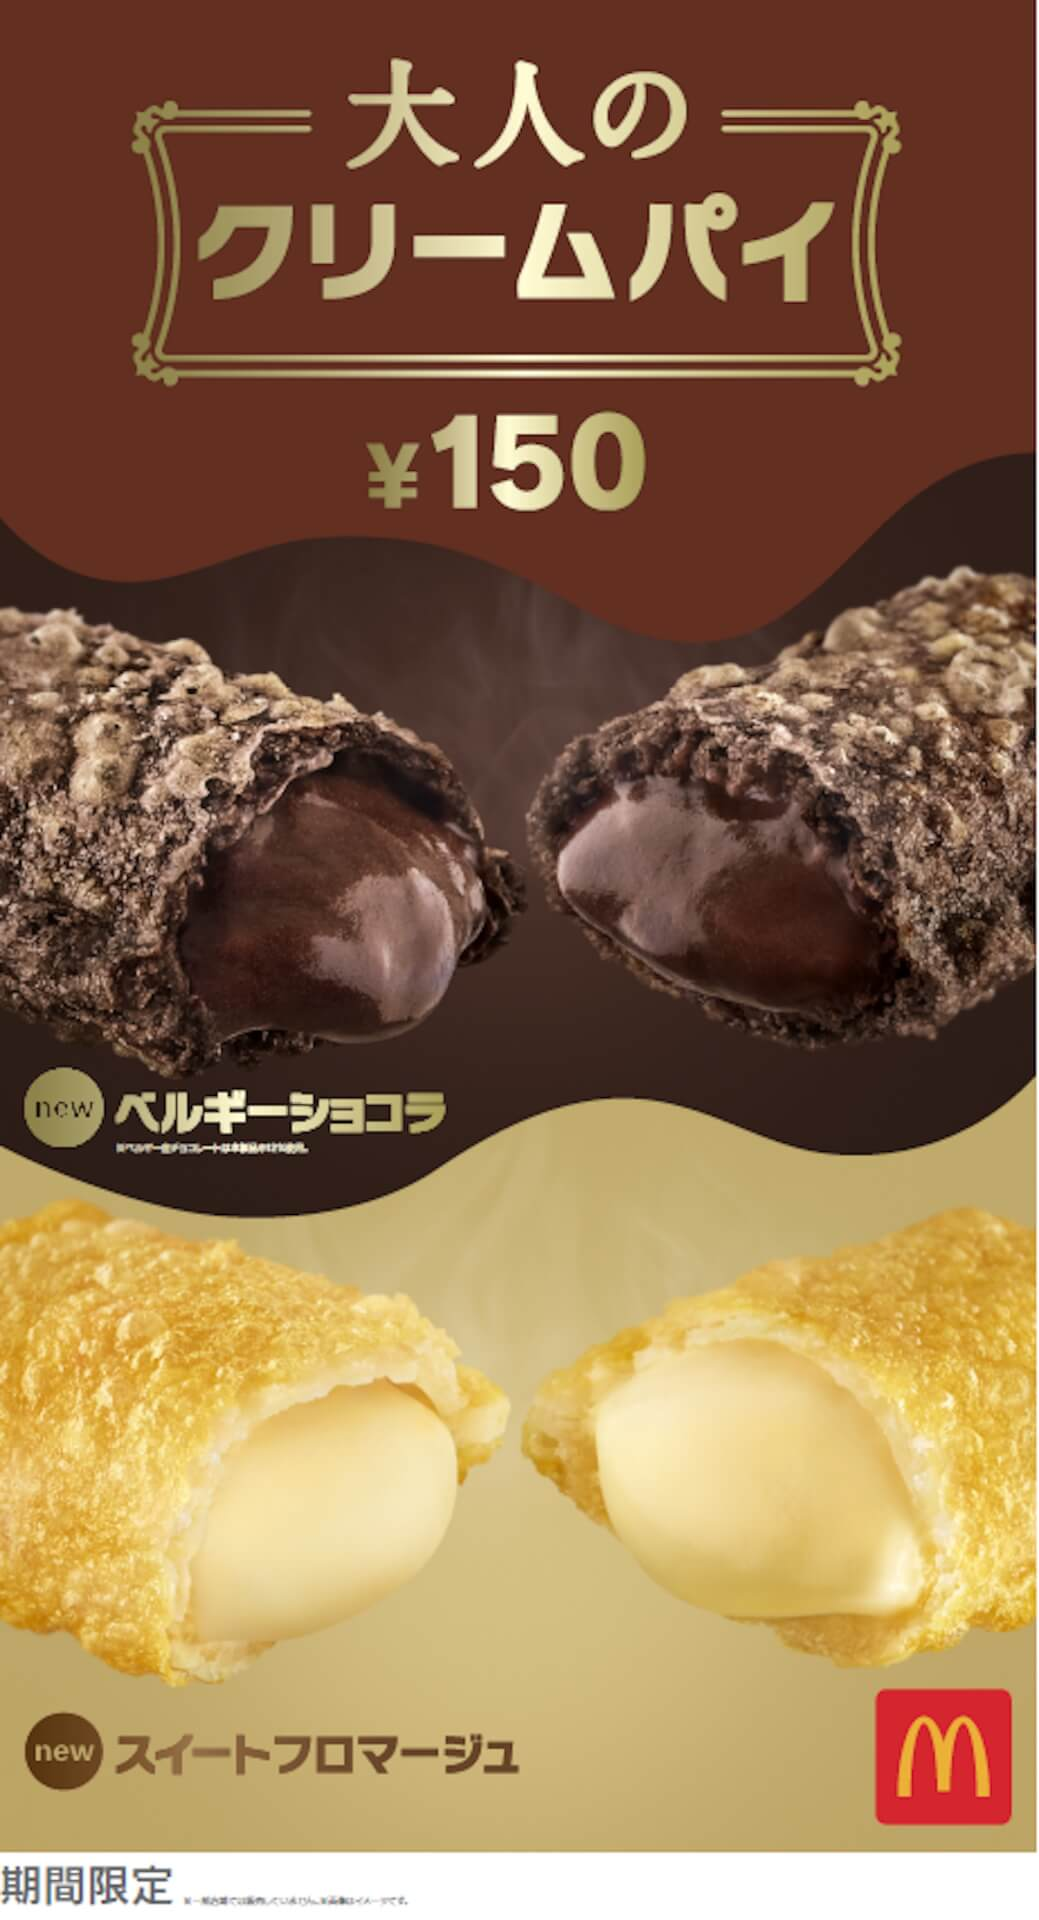 マクドナルドで「大人のクリームパイ」が期間限定発売!dポイントプレゼントキャンペーンも gourmet200115_mcdonald_pie_1